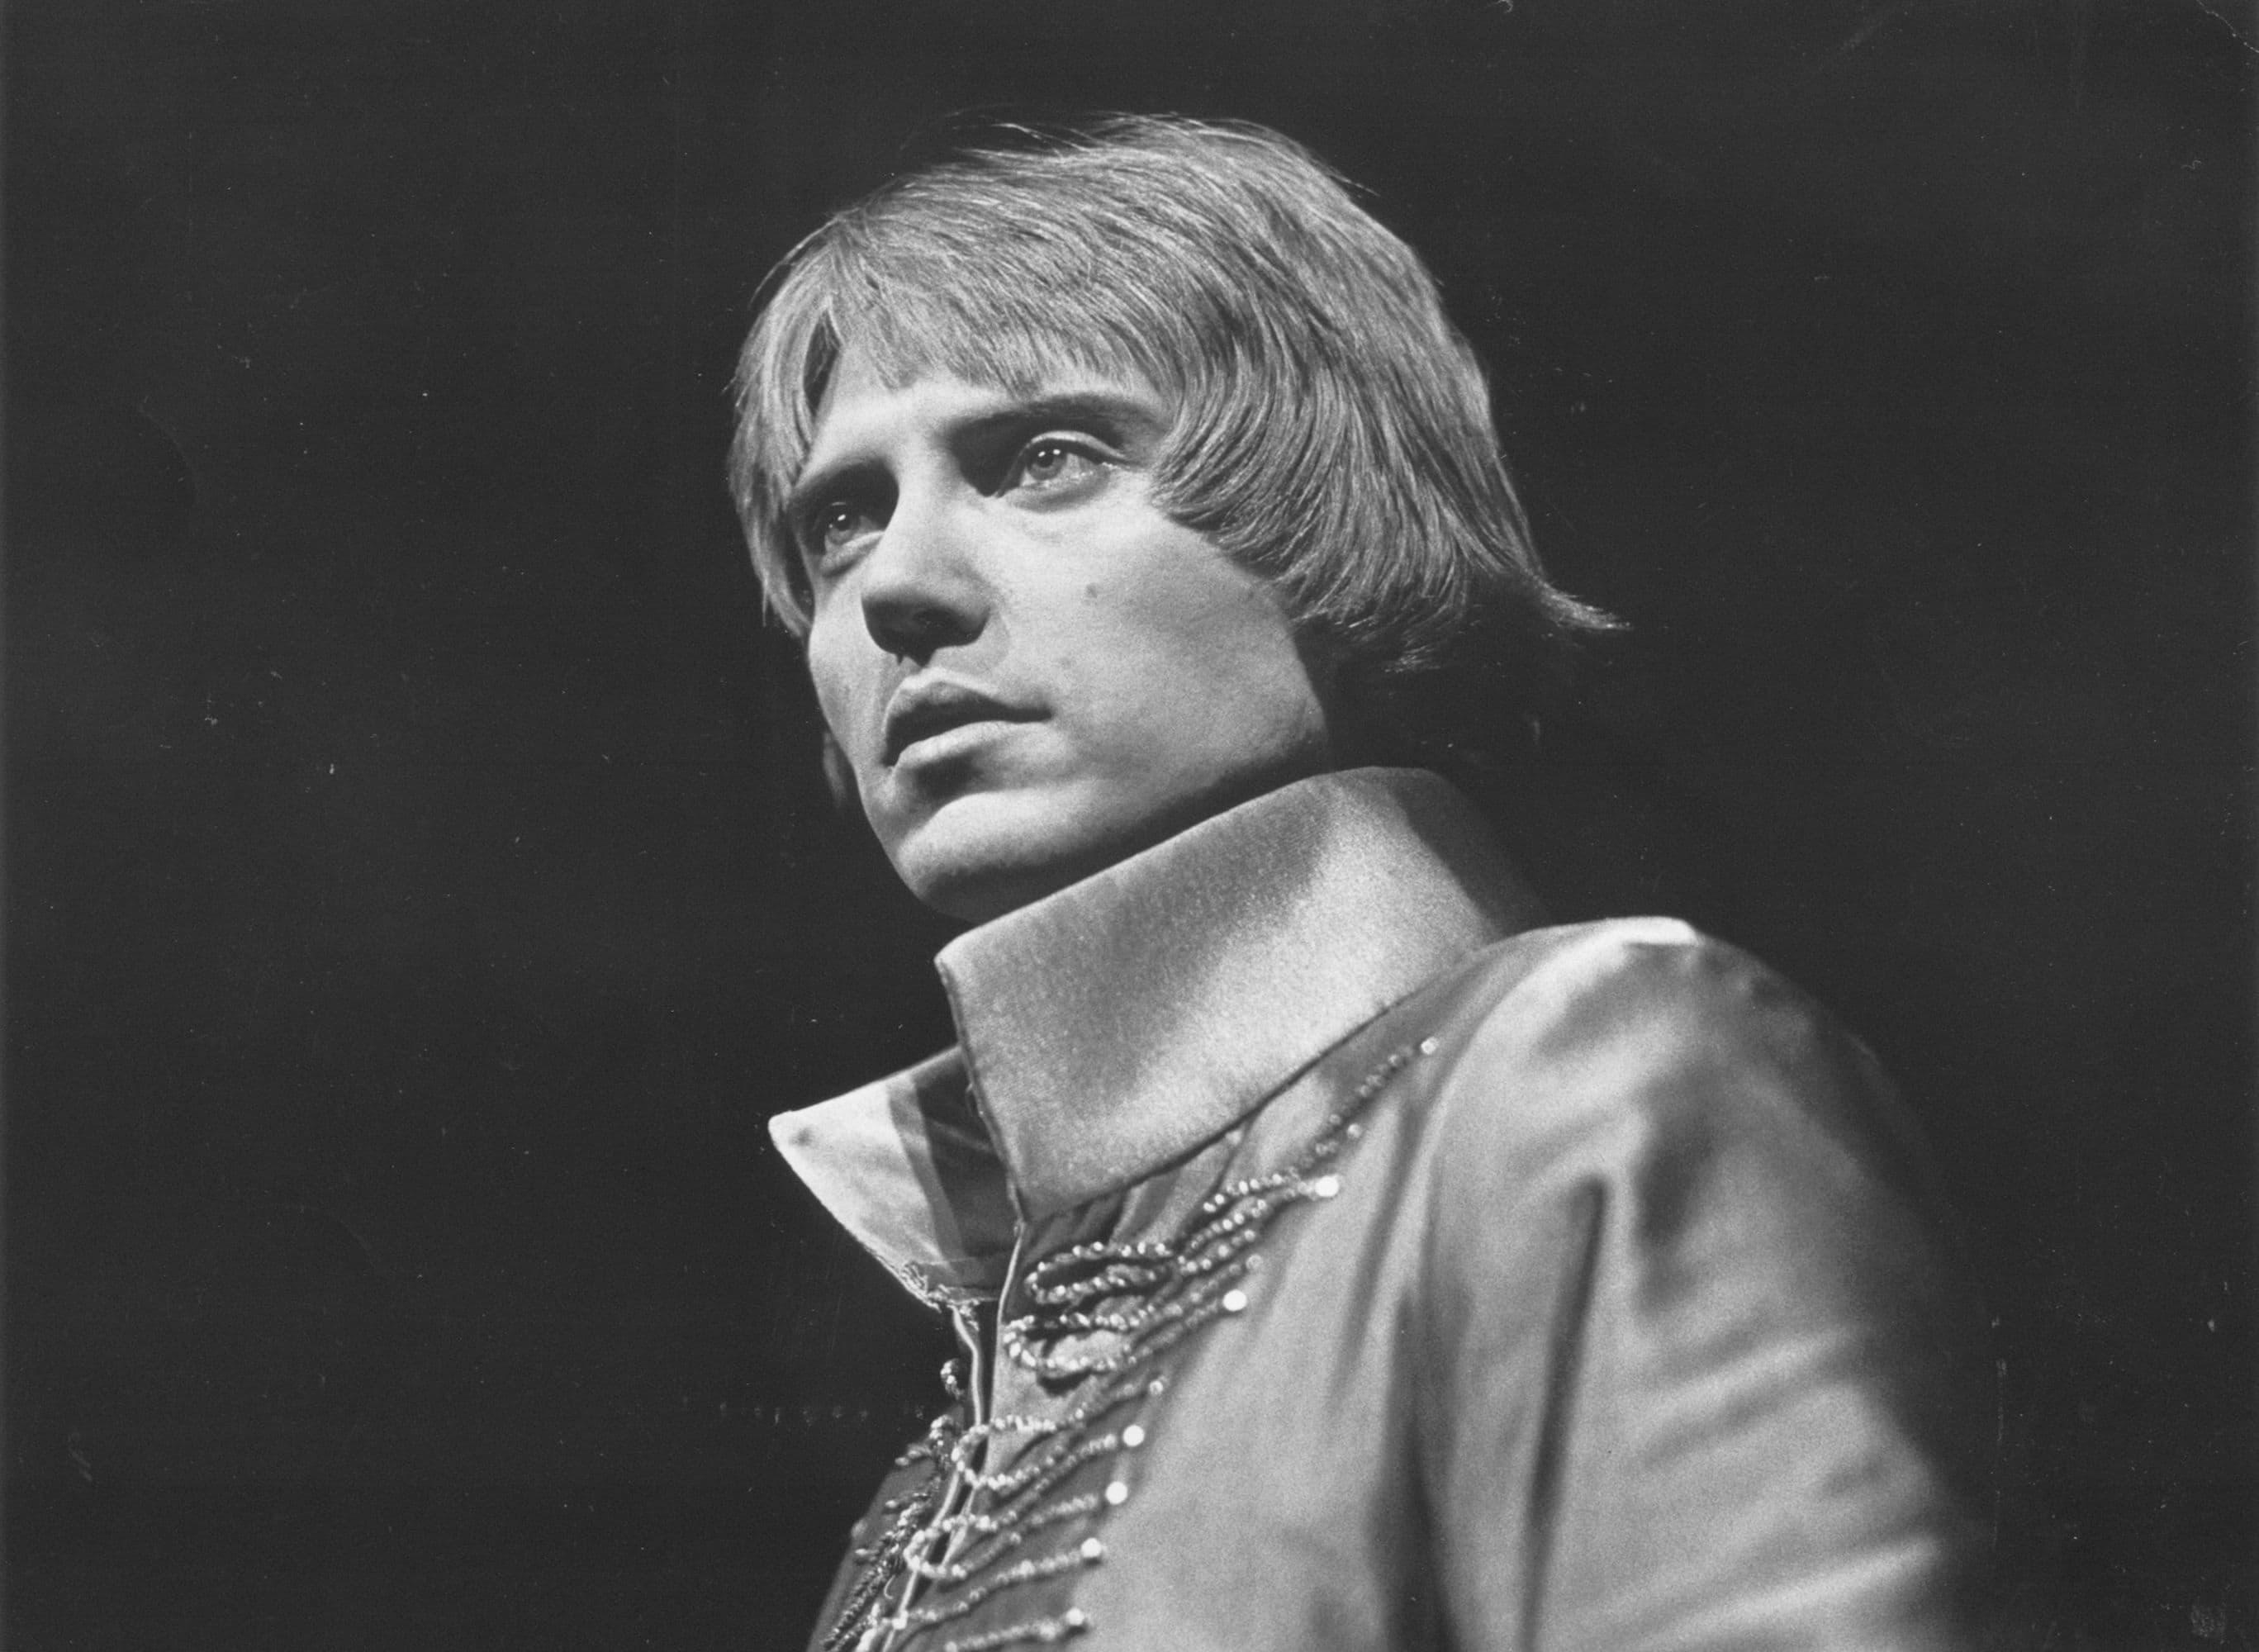 LowRes Christopher Walken in Hamlet hom4yc